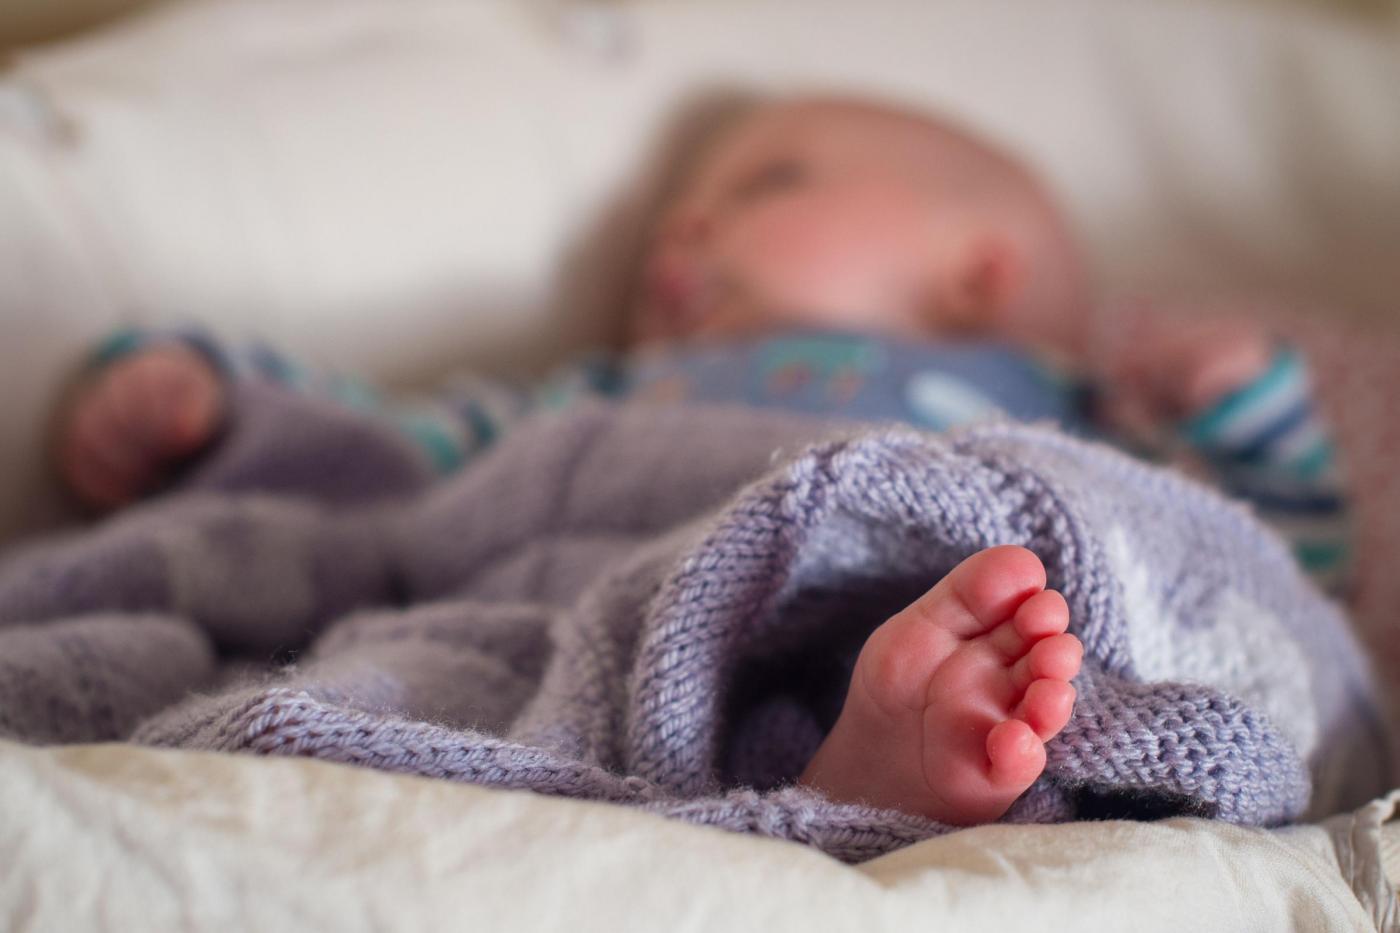 Dieta senza glutine al neonato, Lucas muore a 7 mesi